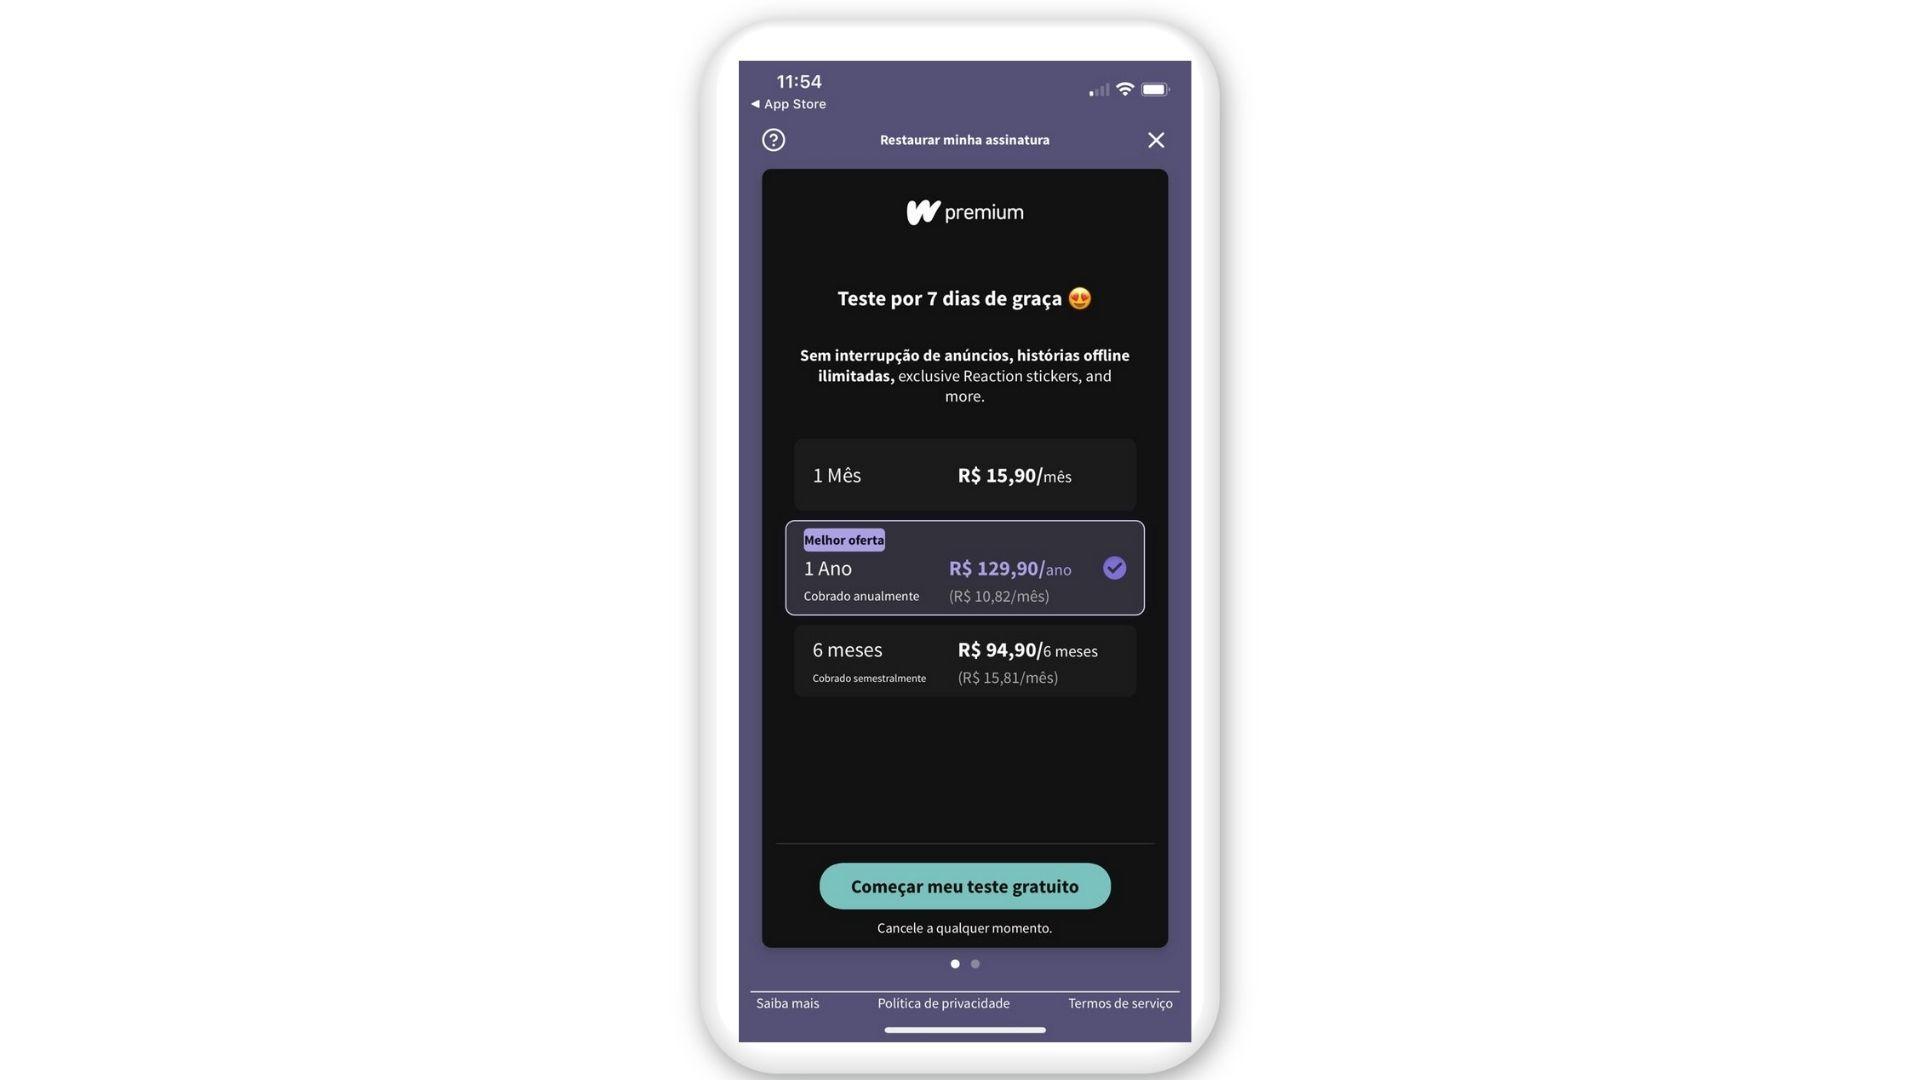 Tela do Wattpad Premium no iPhone (Reprodução)